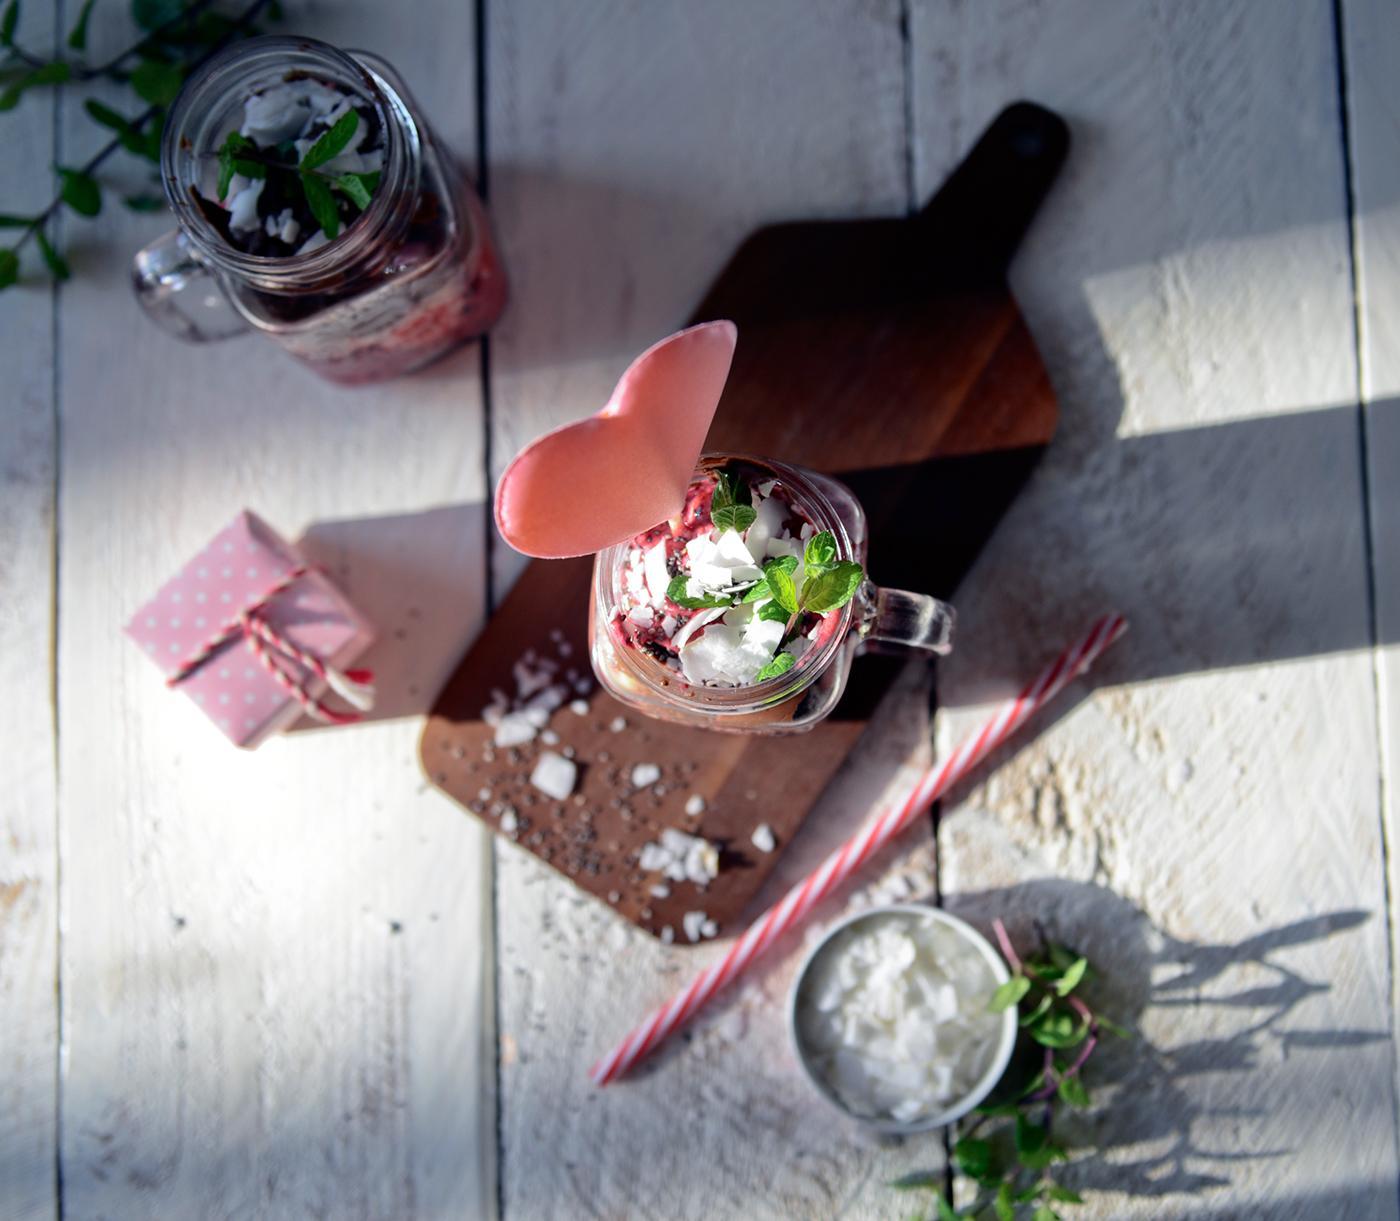 Вкуснятина в День Святого Валентина - Valentine's treats / фото Karolina Zajkowska